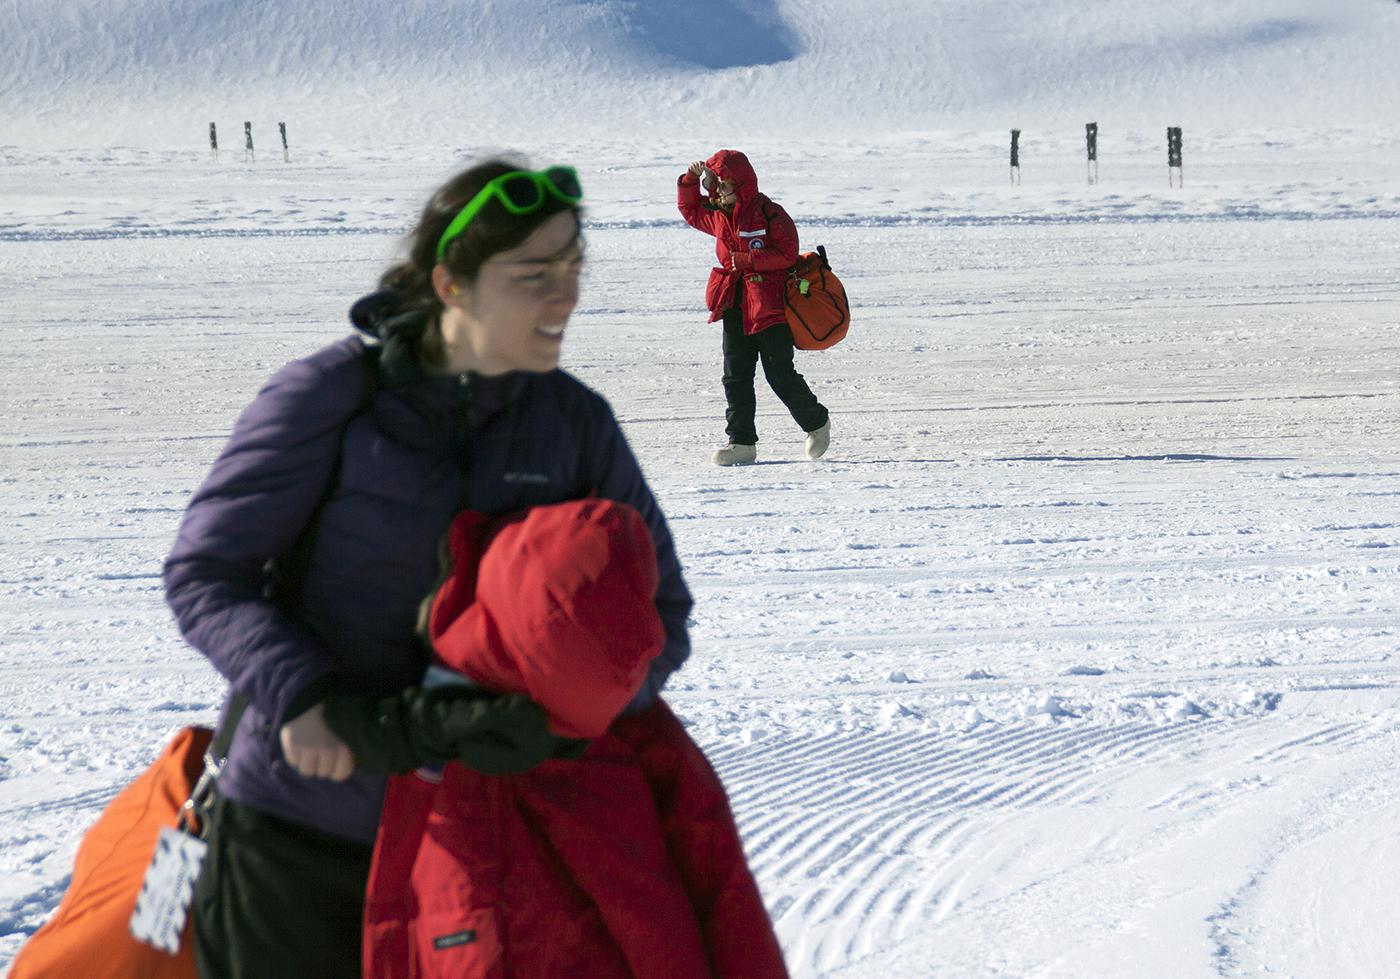 arriving at Shackleton